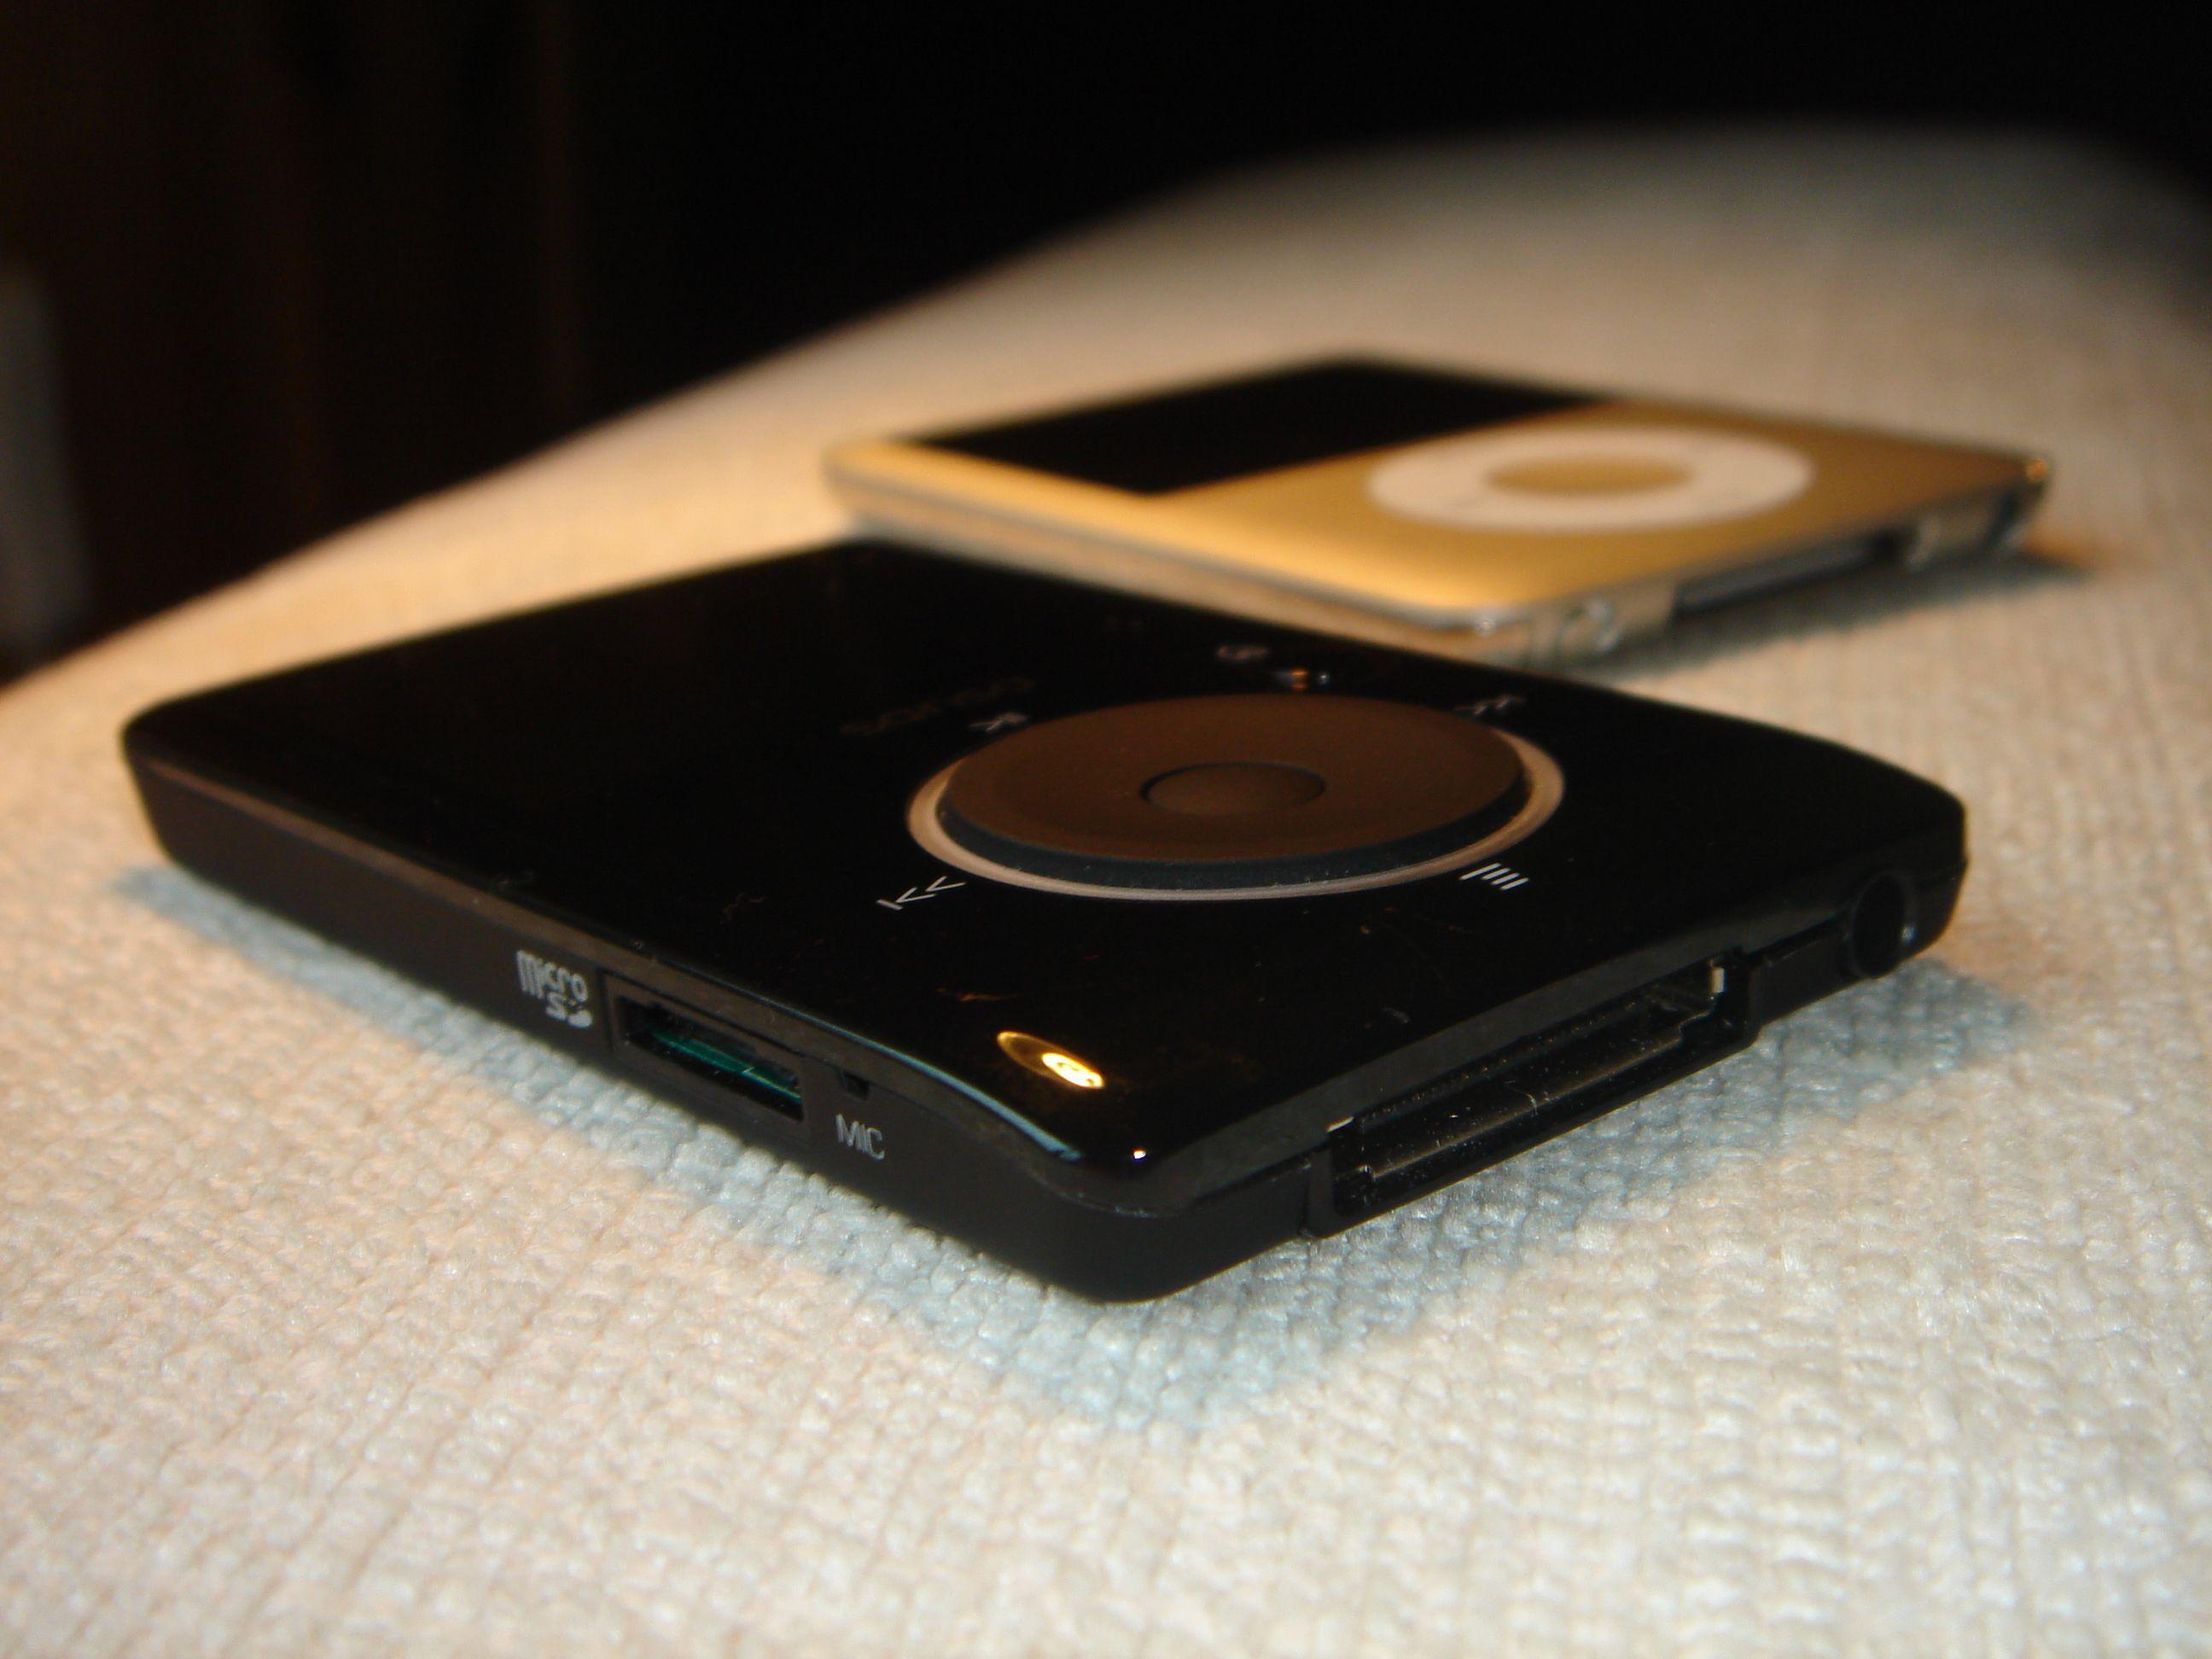 Sammenliknet med Ipod Nano er Fuze også noe tykkere